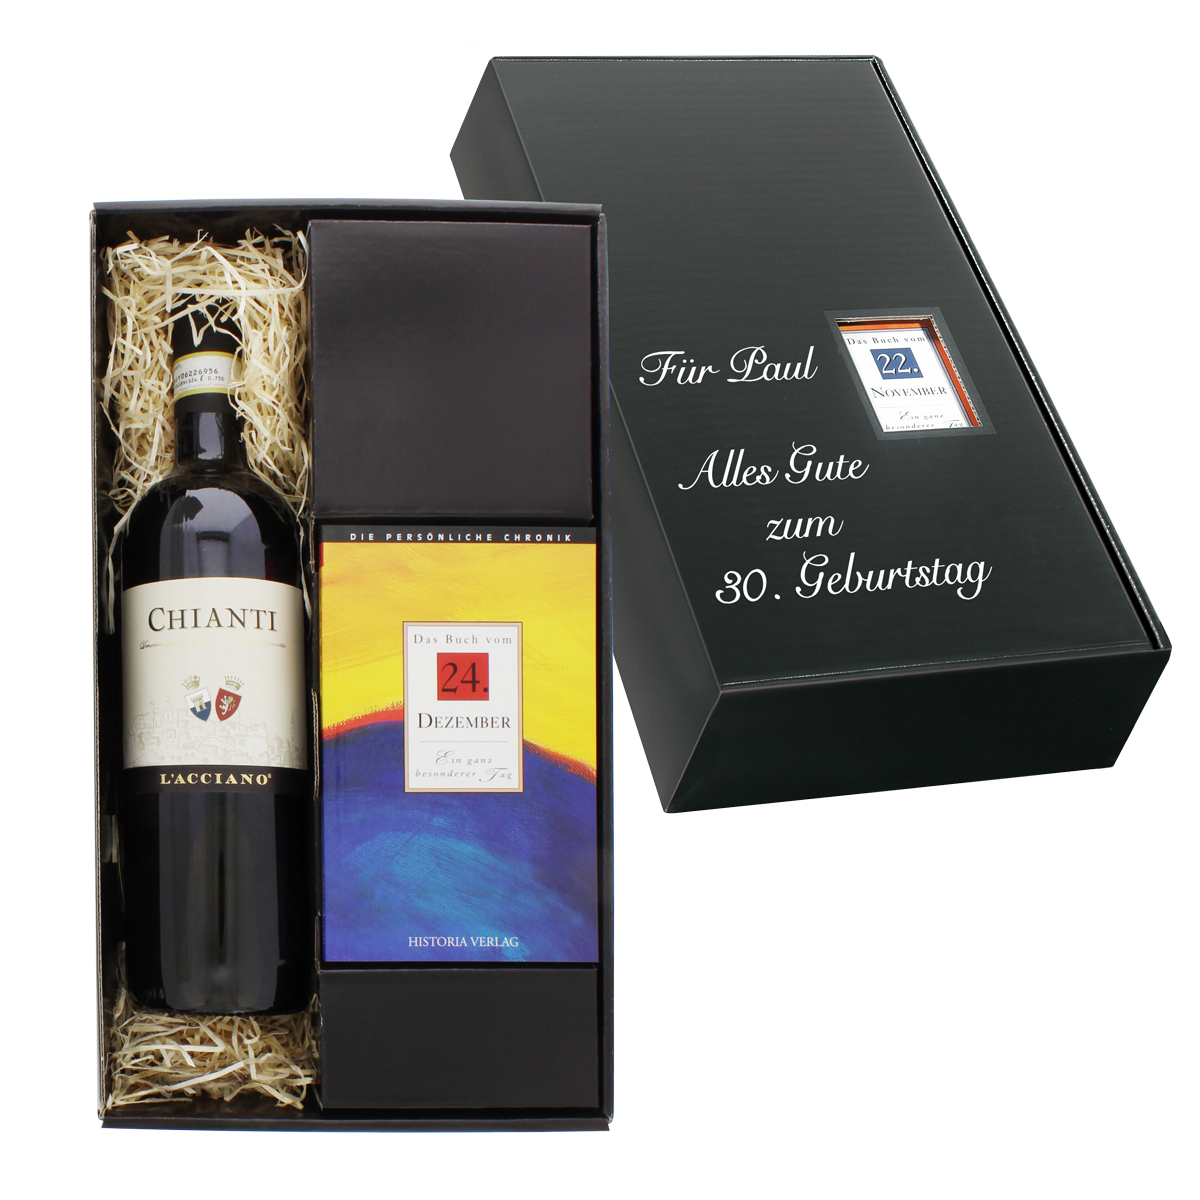 Italien-Set: Tageschronik vom 14. September & Chianti-Wein